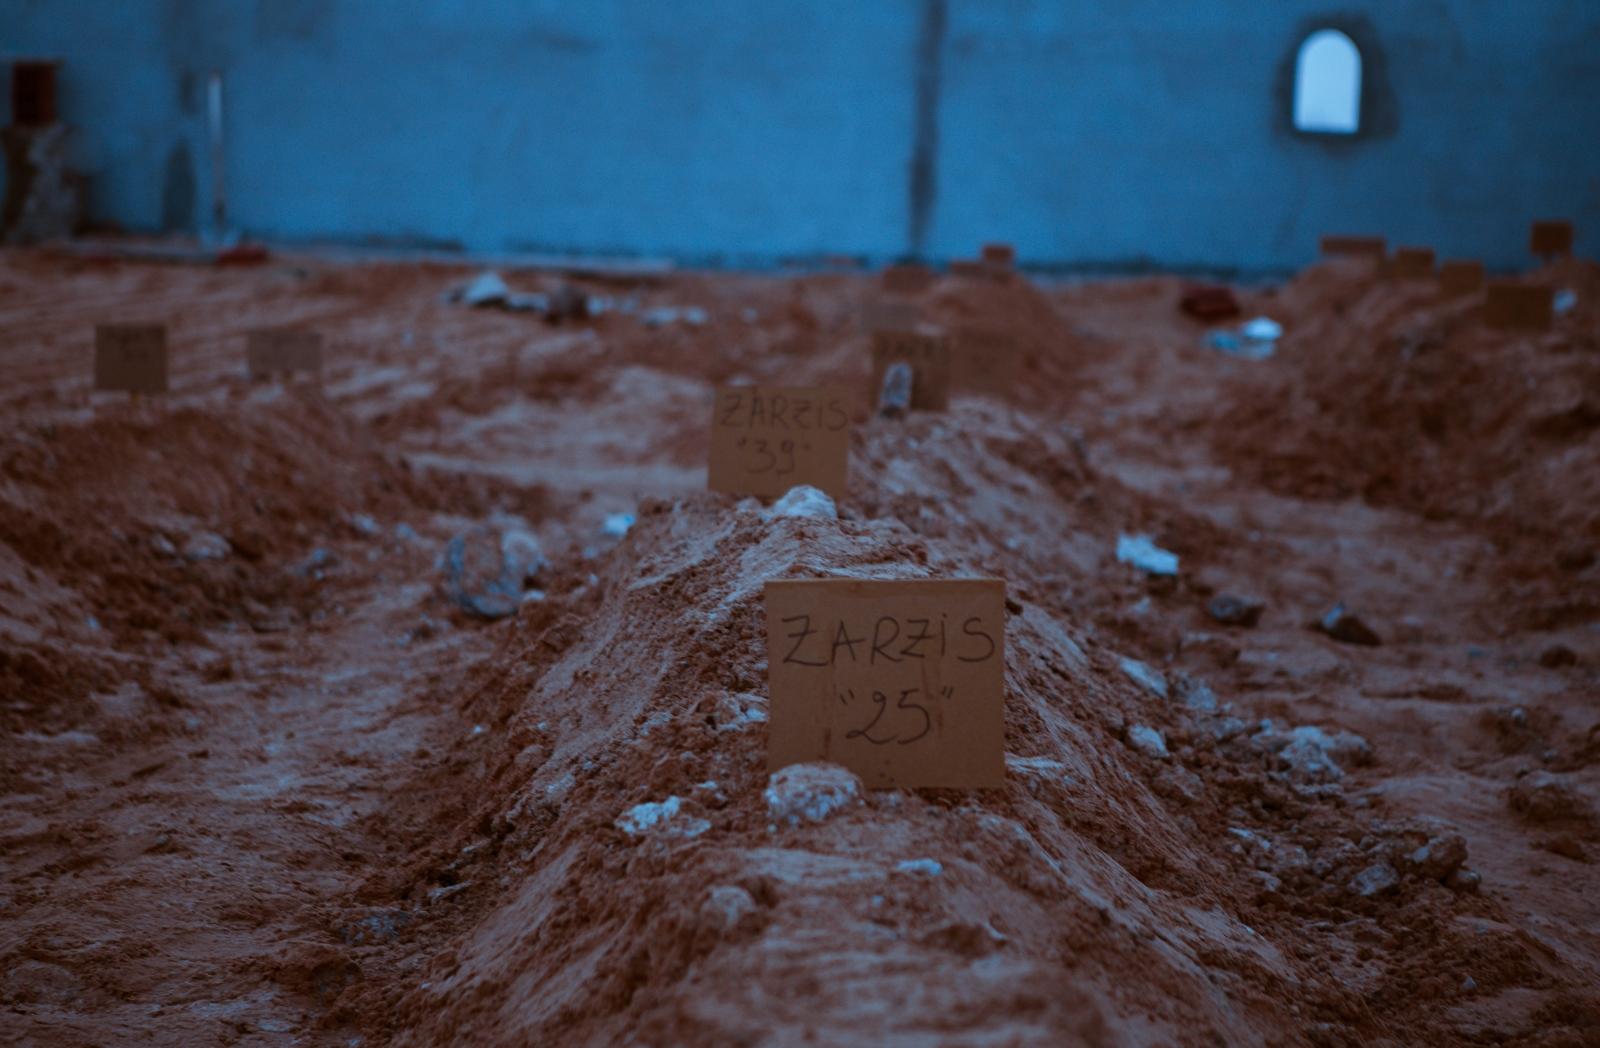 Une tranchée a été creusée, chaque emplacement est séparé par des briques. Des employés municipaux s'activent, masque hygiénique sur le visage et gants plastifiés. Ils portent en terre les dépouilles. Des pancartes en bois numérotées pour chaque sépulture